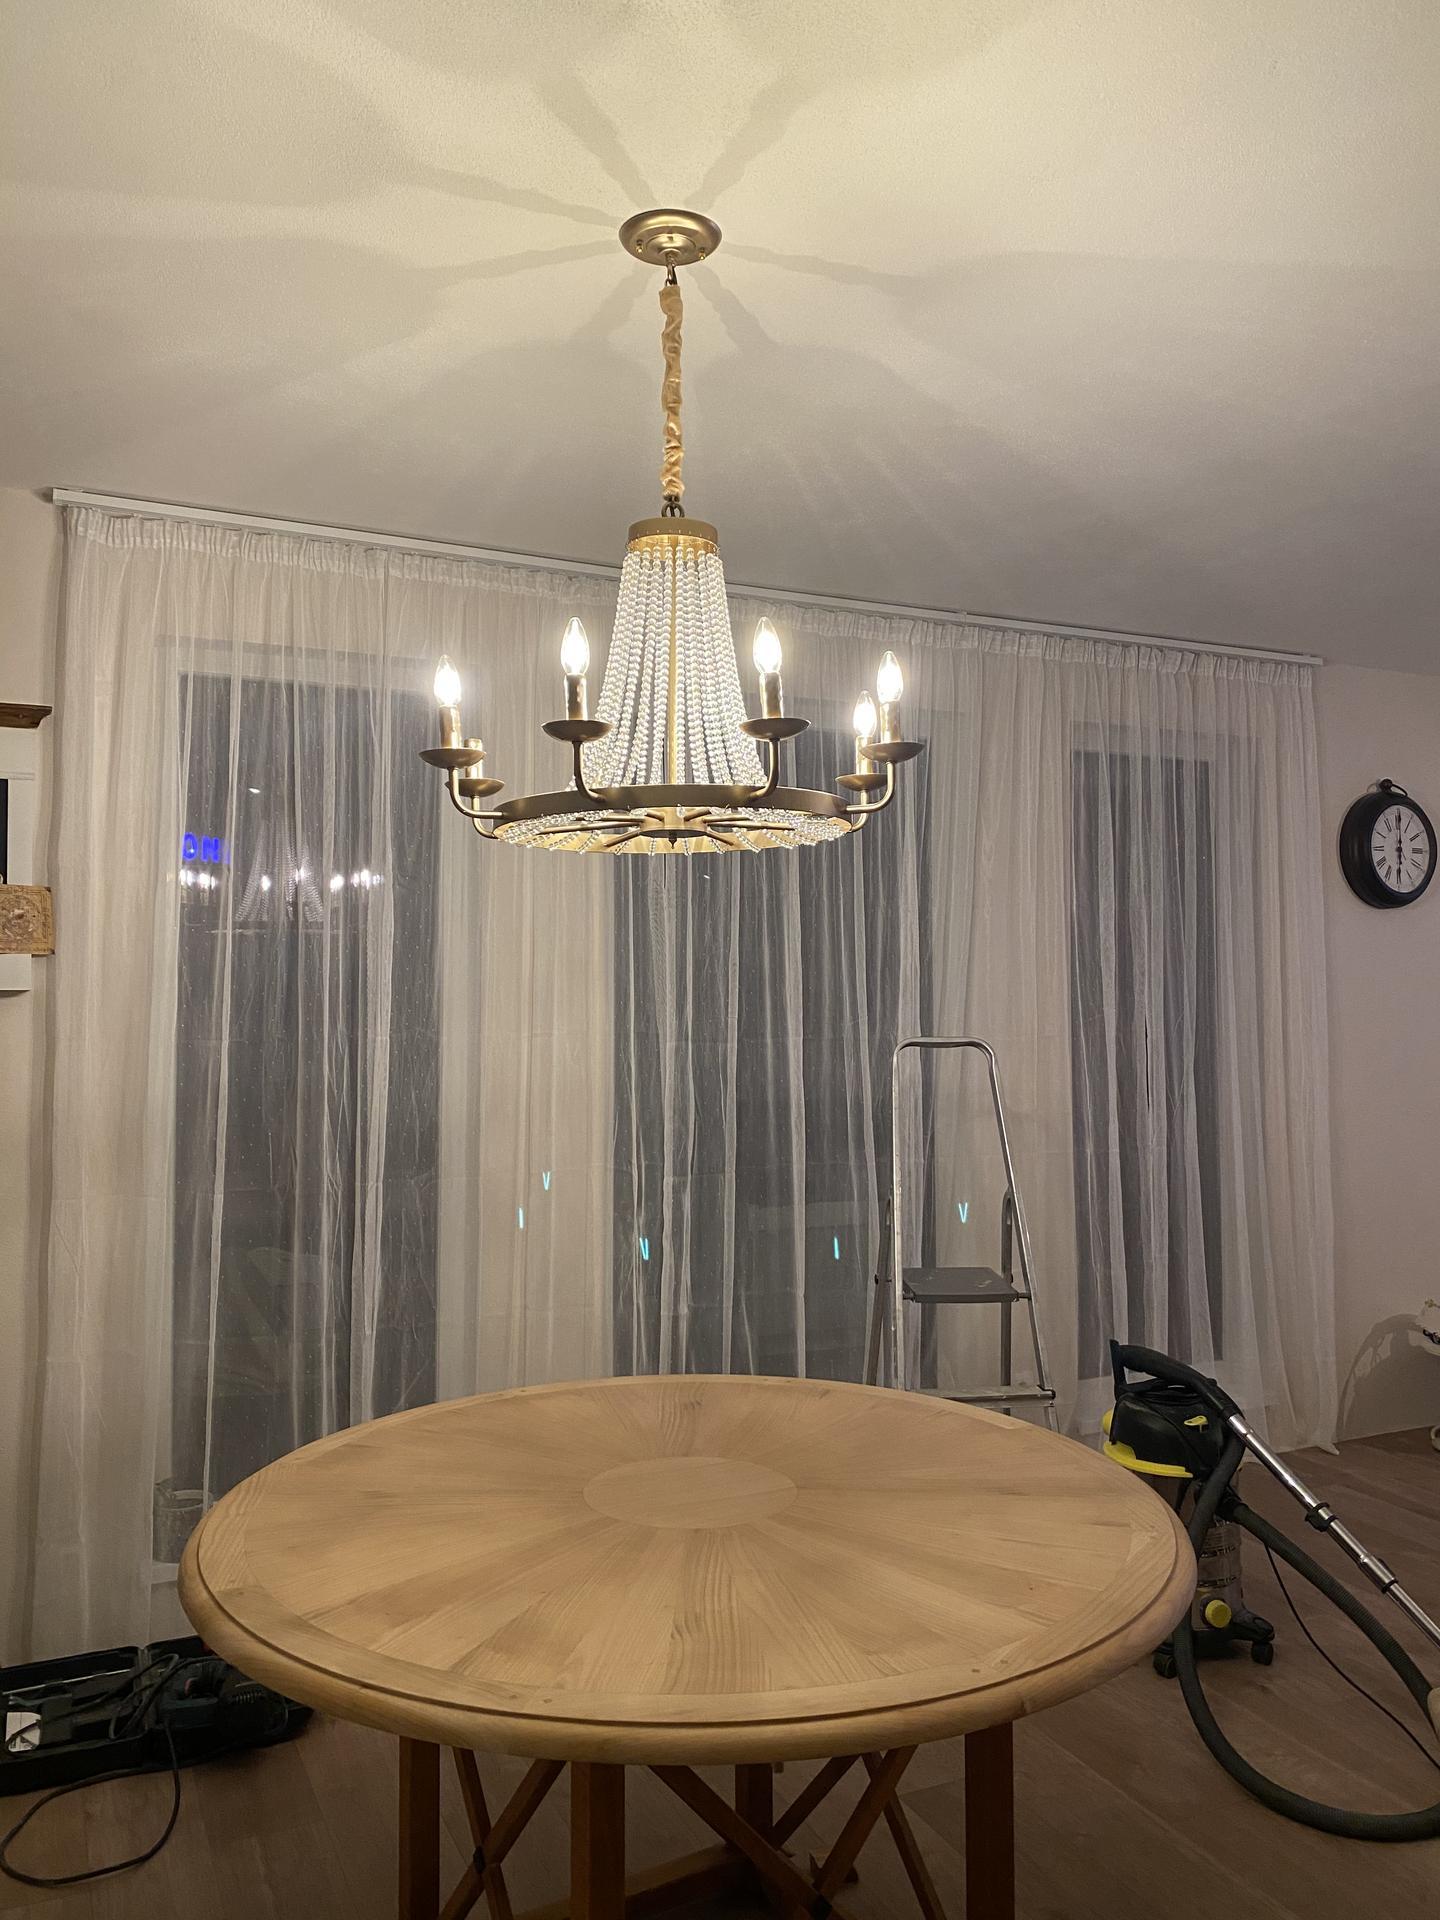 Zariaďujeme domček 🥰 - Ani som neverila no mame další luster 🥰 A čochvíľa sa púšťam do maľovania stola, nech to k sebe viac ide ❤️